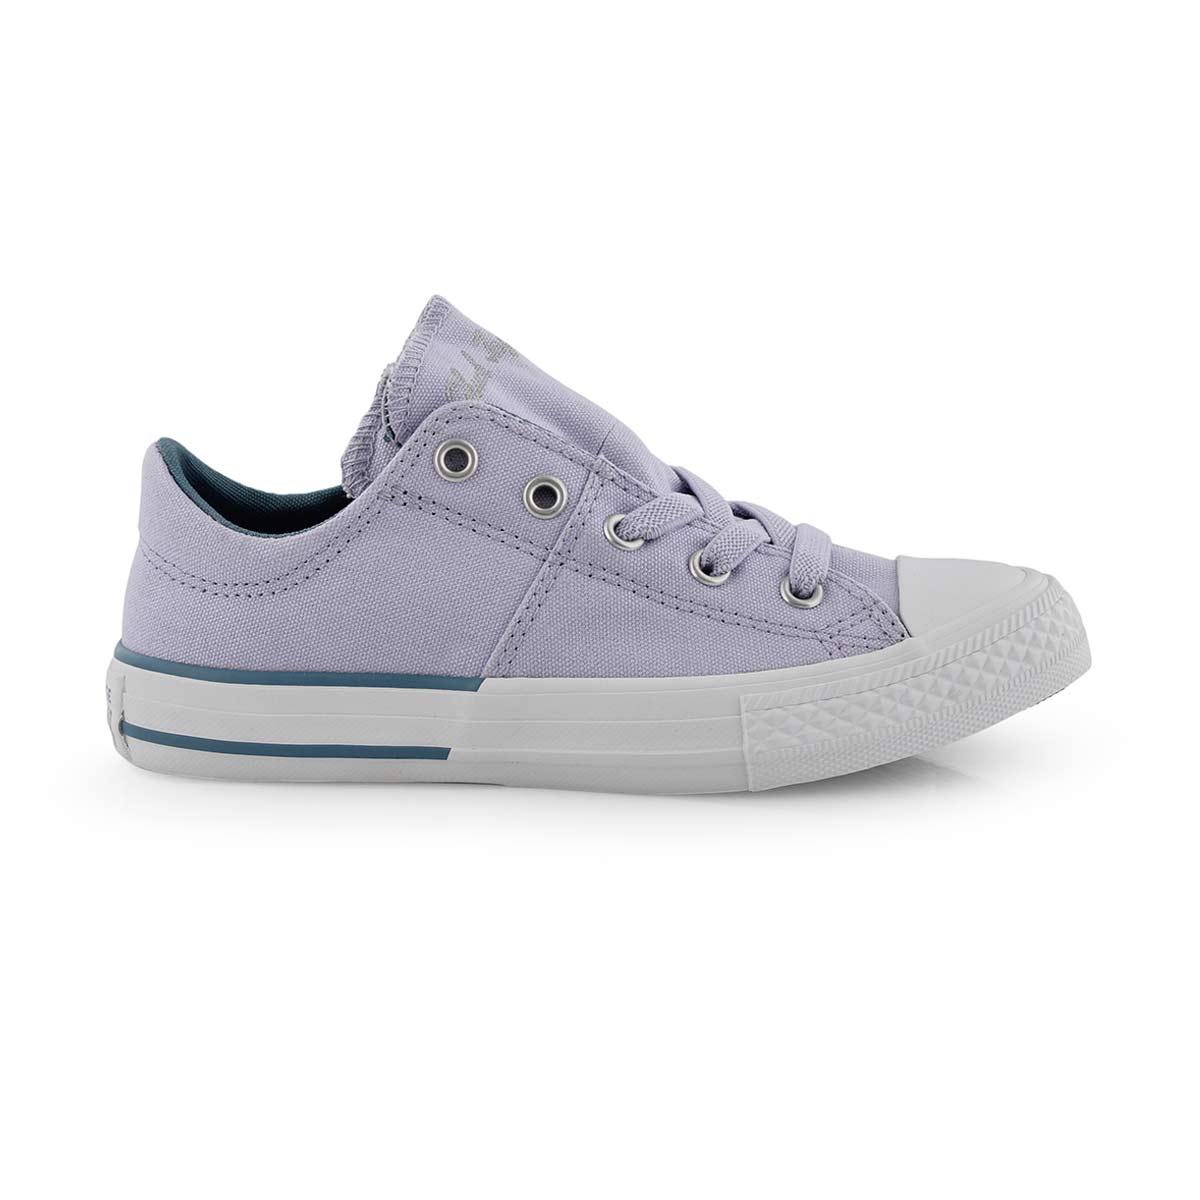 Grls CTAS Maddie purple/teal sneaker